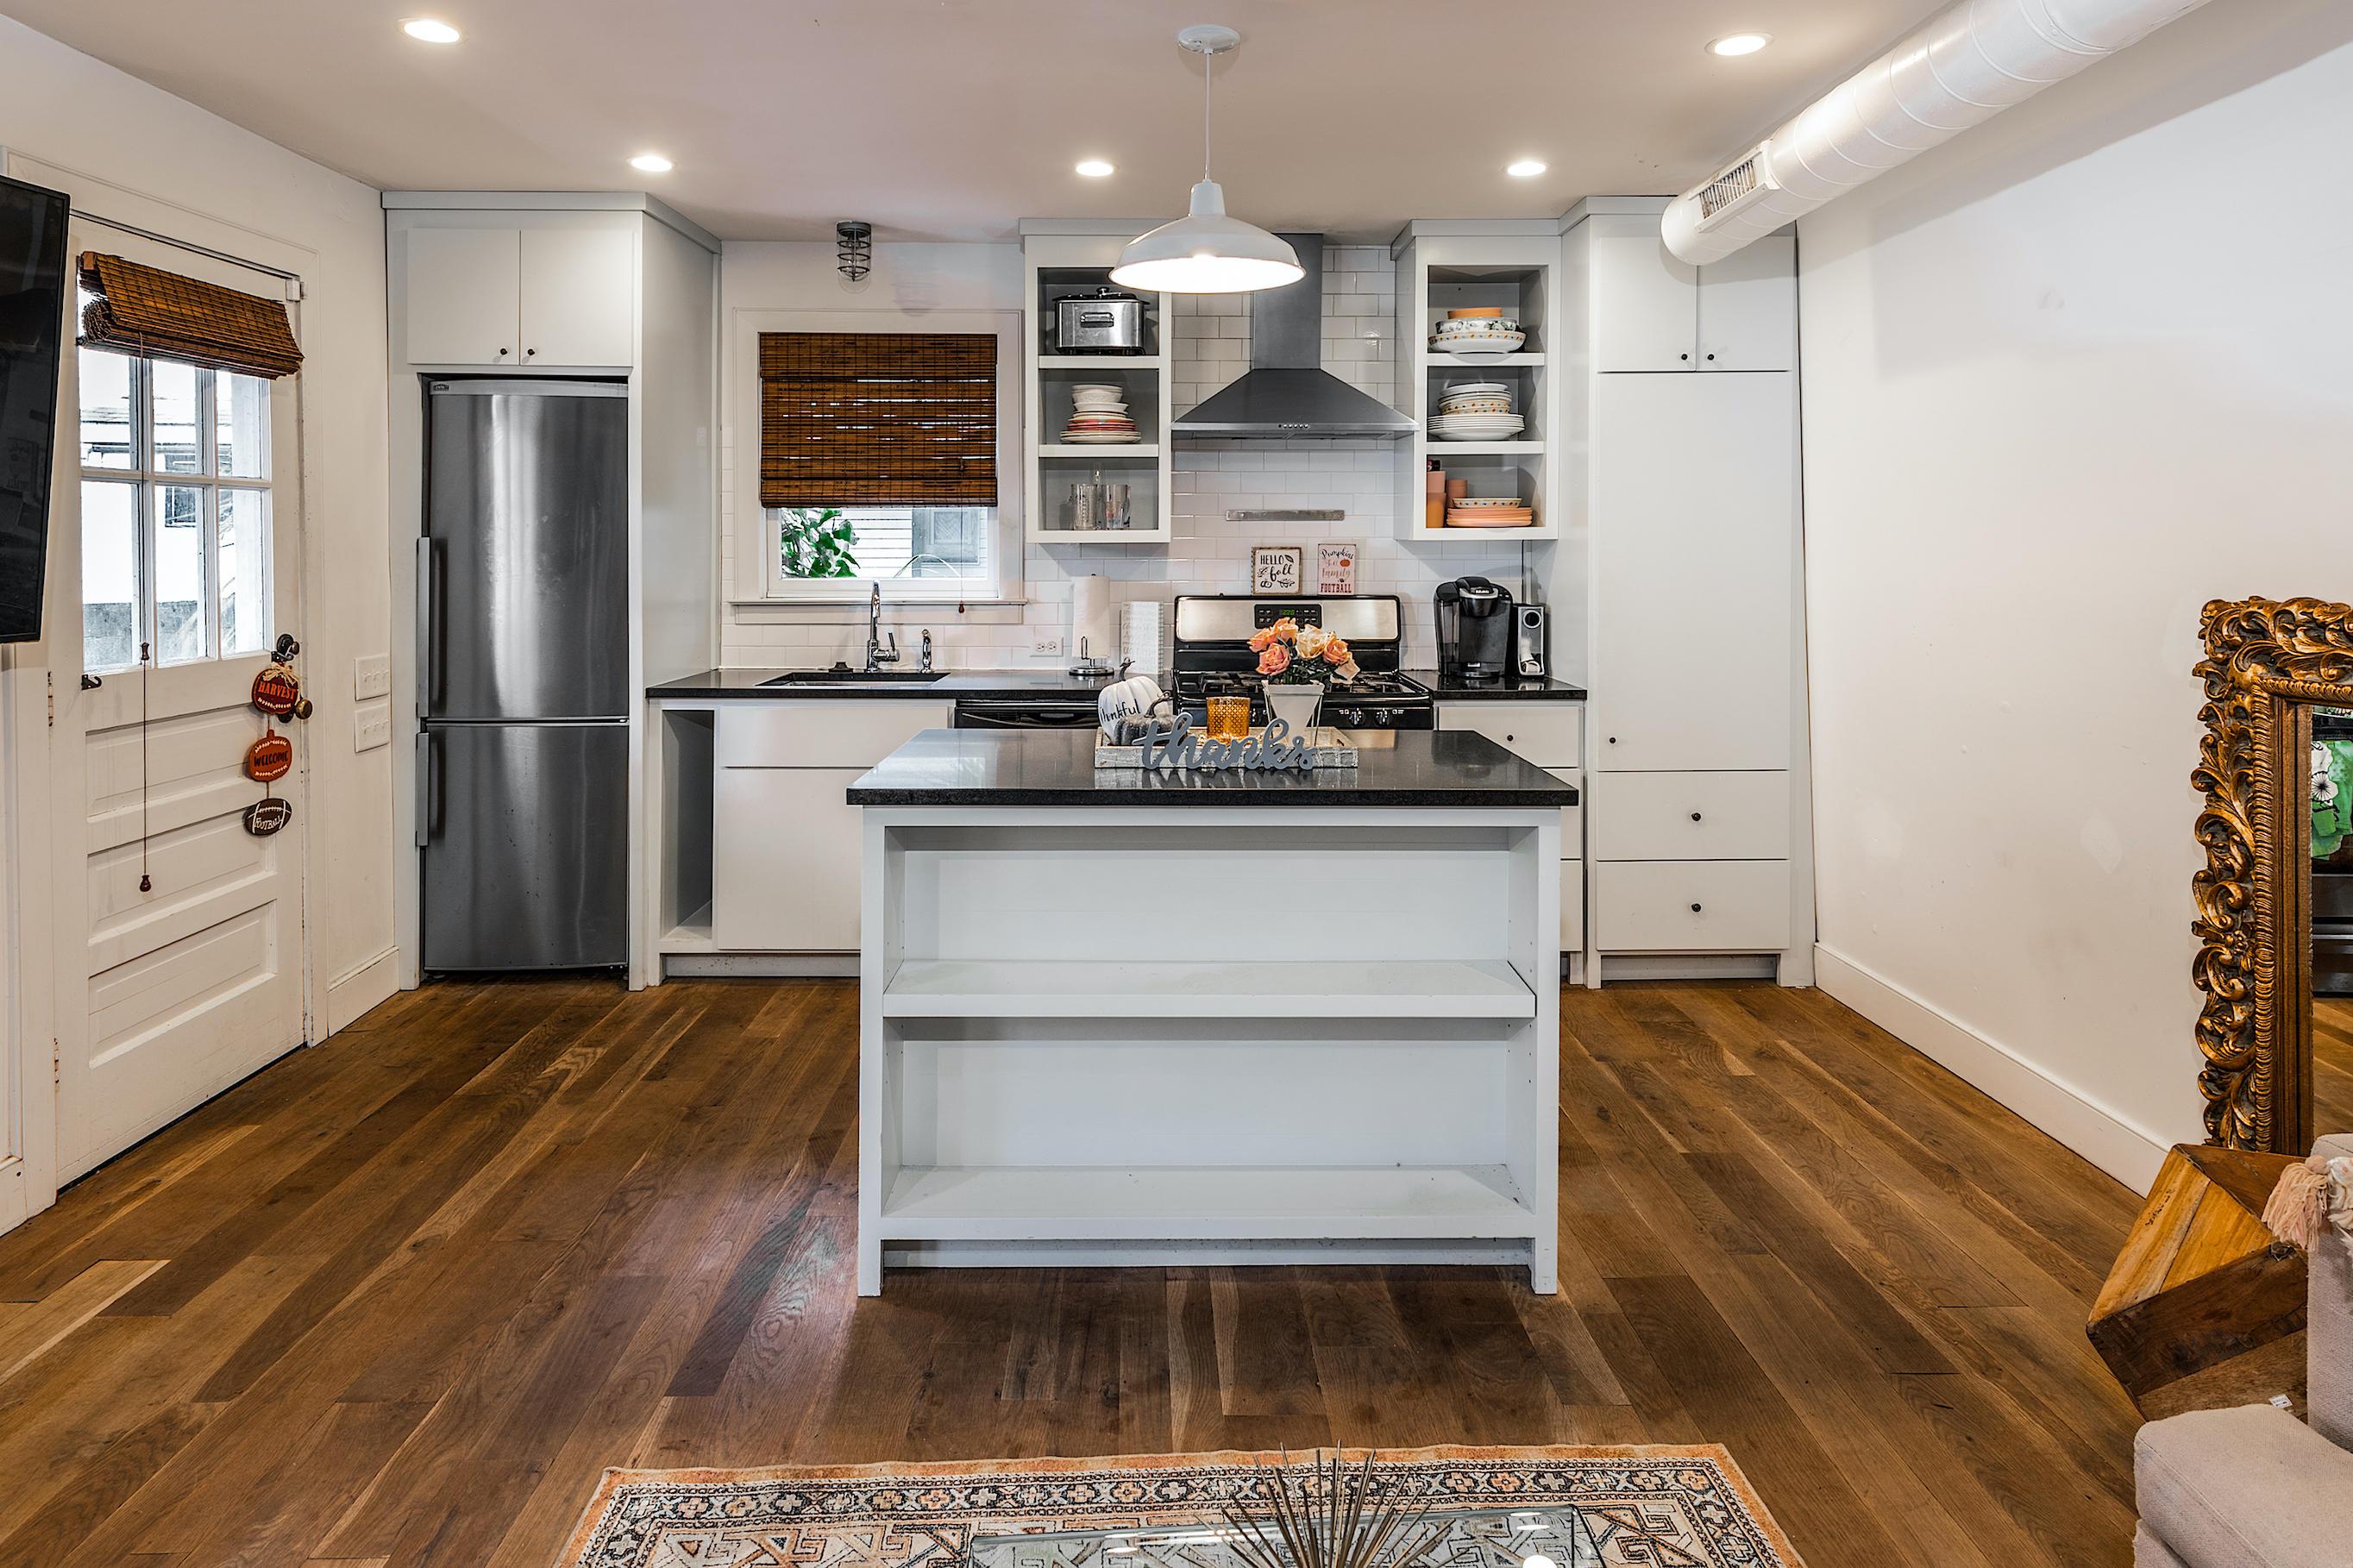 Elliottborough Homes For Sale - 271 Coming, Charleston, SC - 14